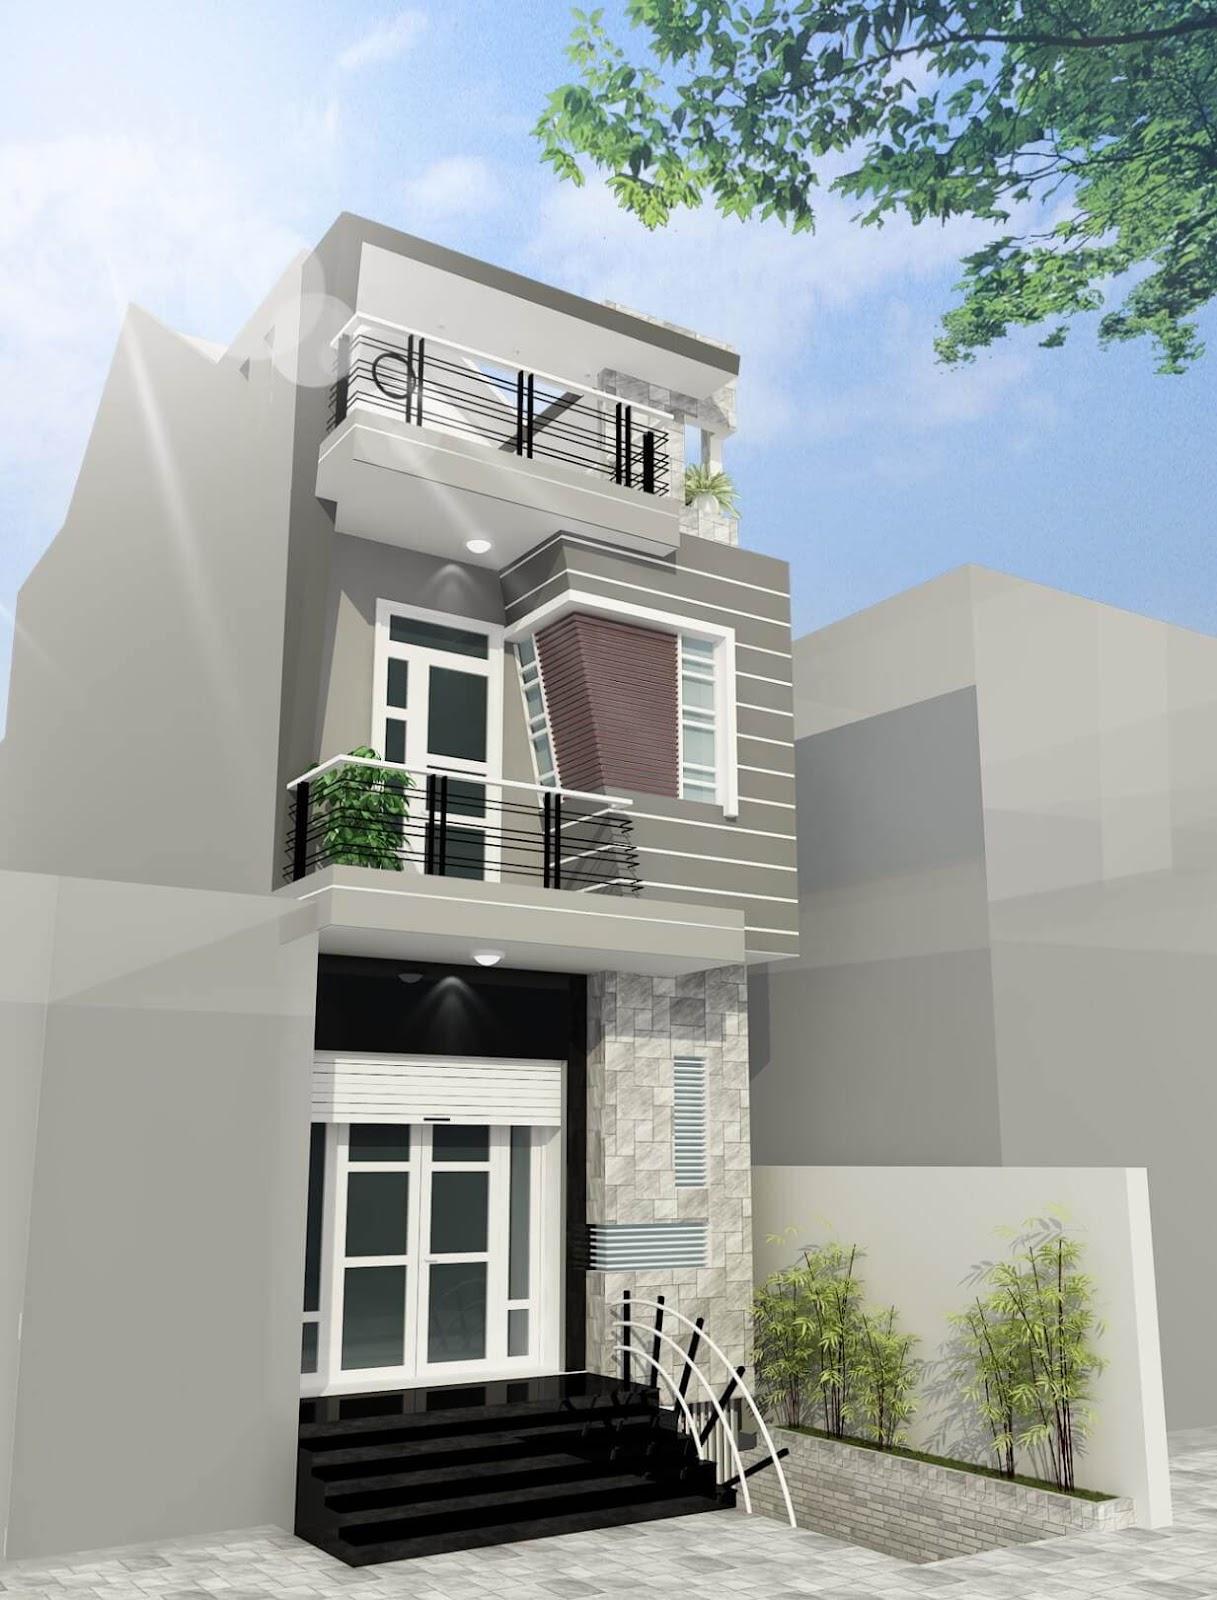 Thiết kế nhà 2 tầng nông thông mang hơi hướng hiện đại